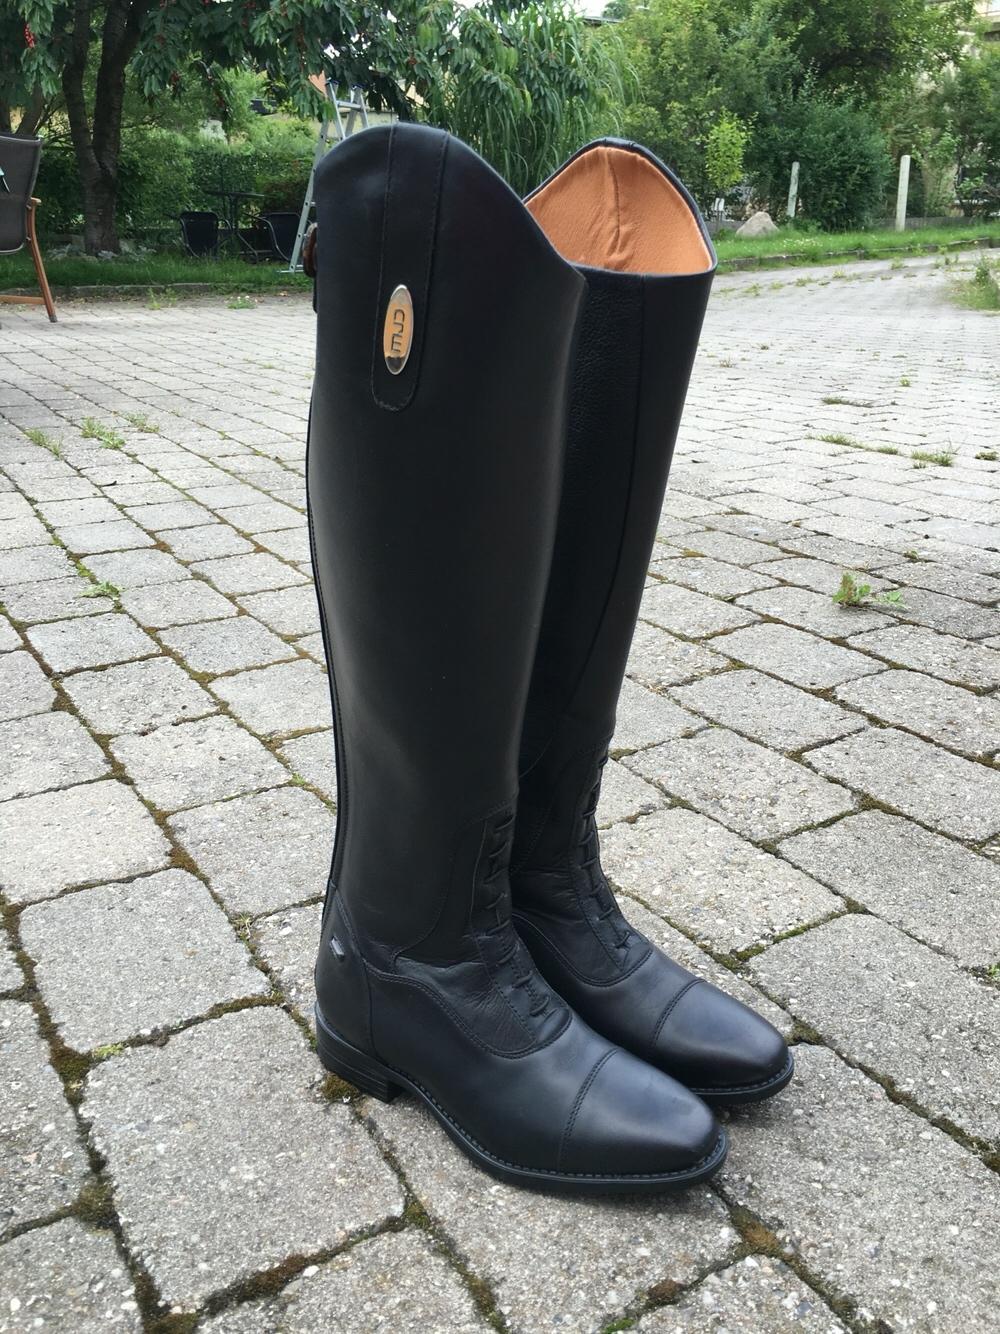 fc133065557 Ridestøvler Helt nye springstøvler str 37 - kr. 1500 - beklædning